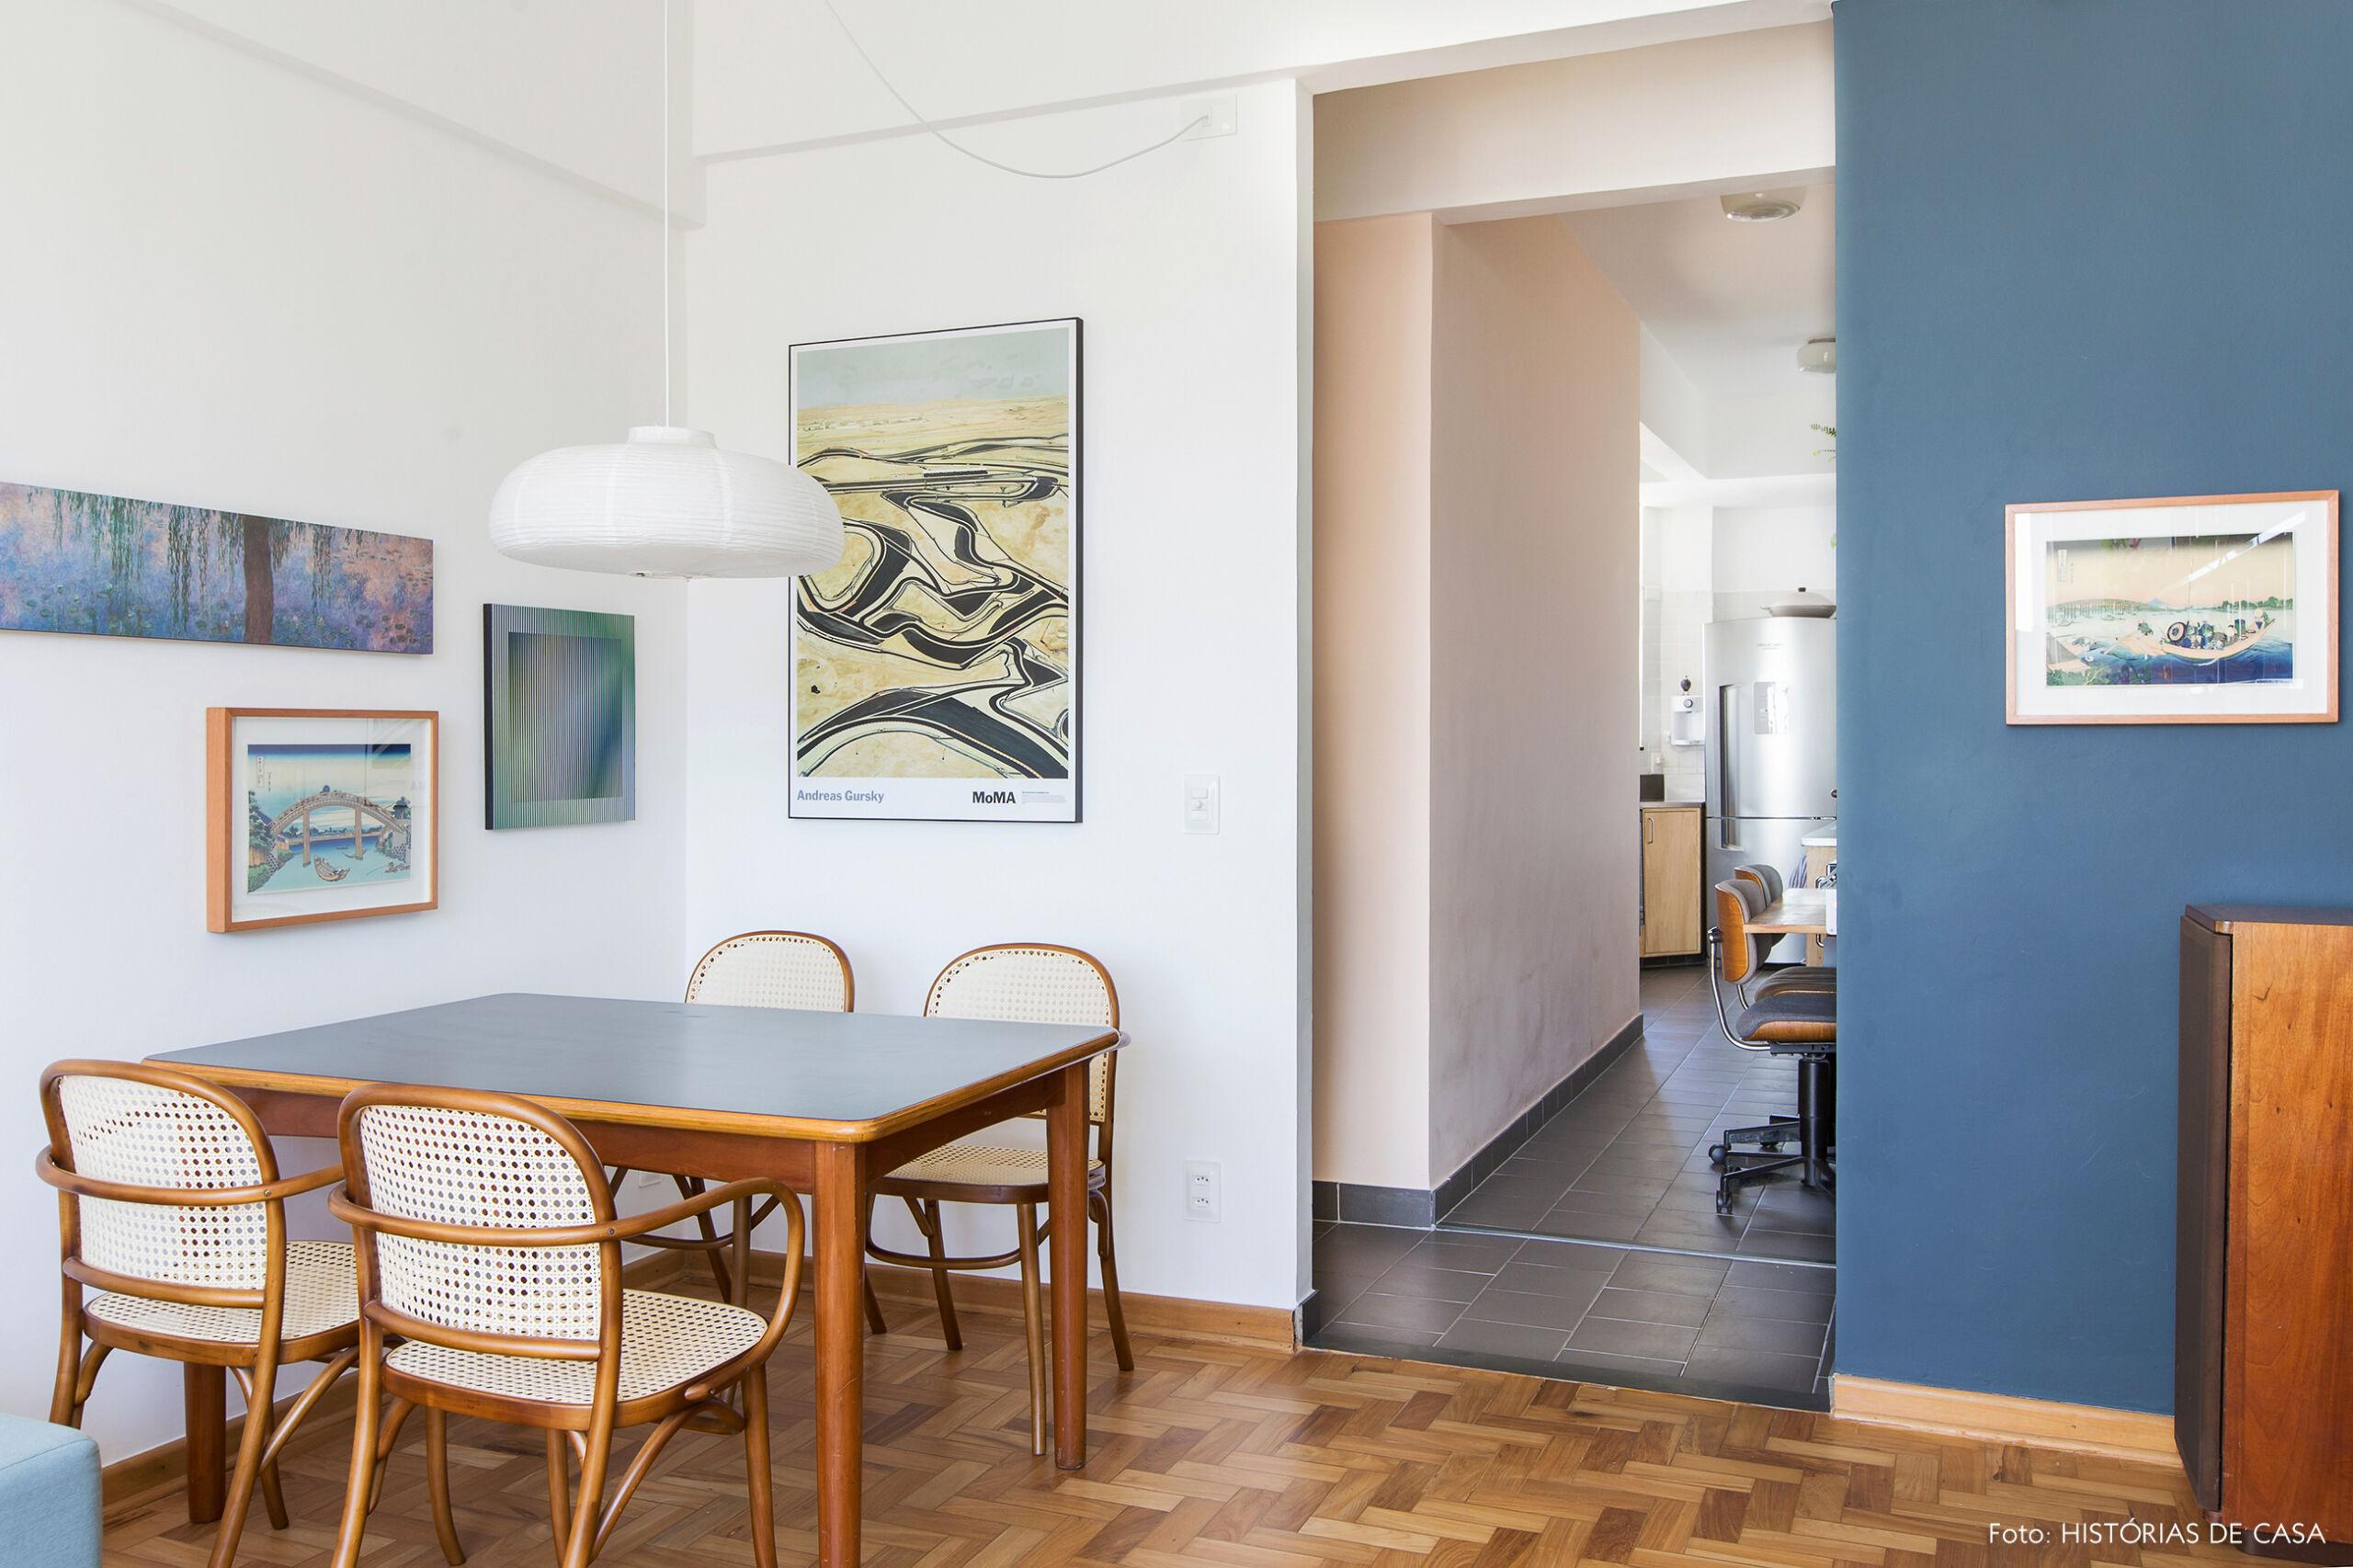 Apartamento com paredes coloridas e sala compacta